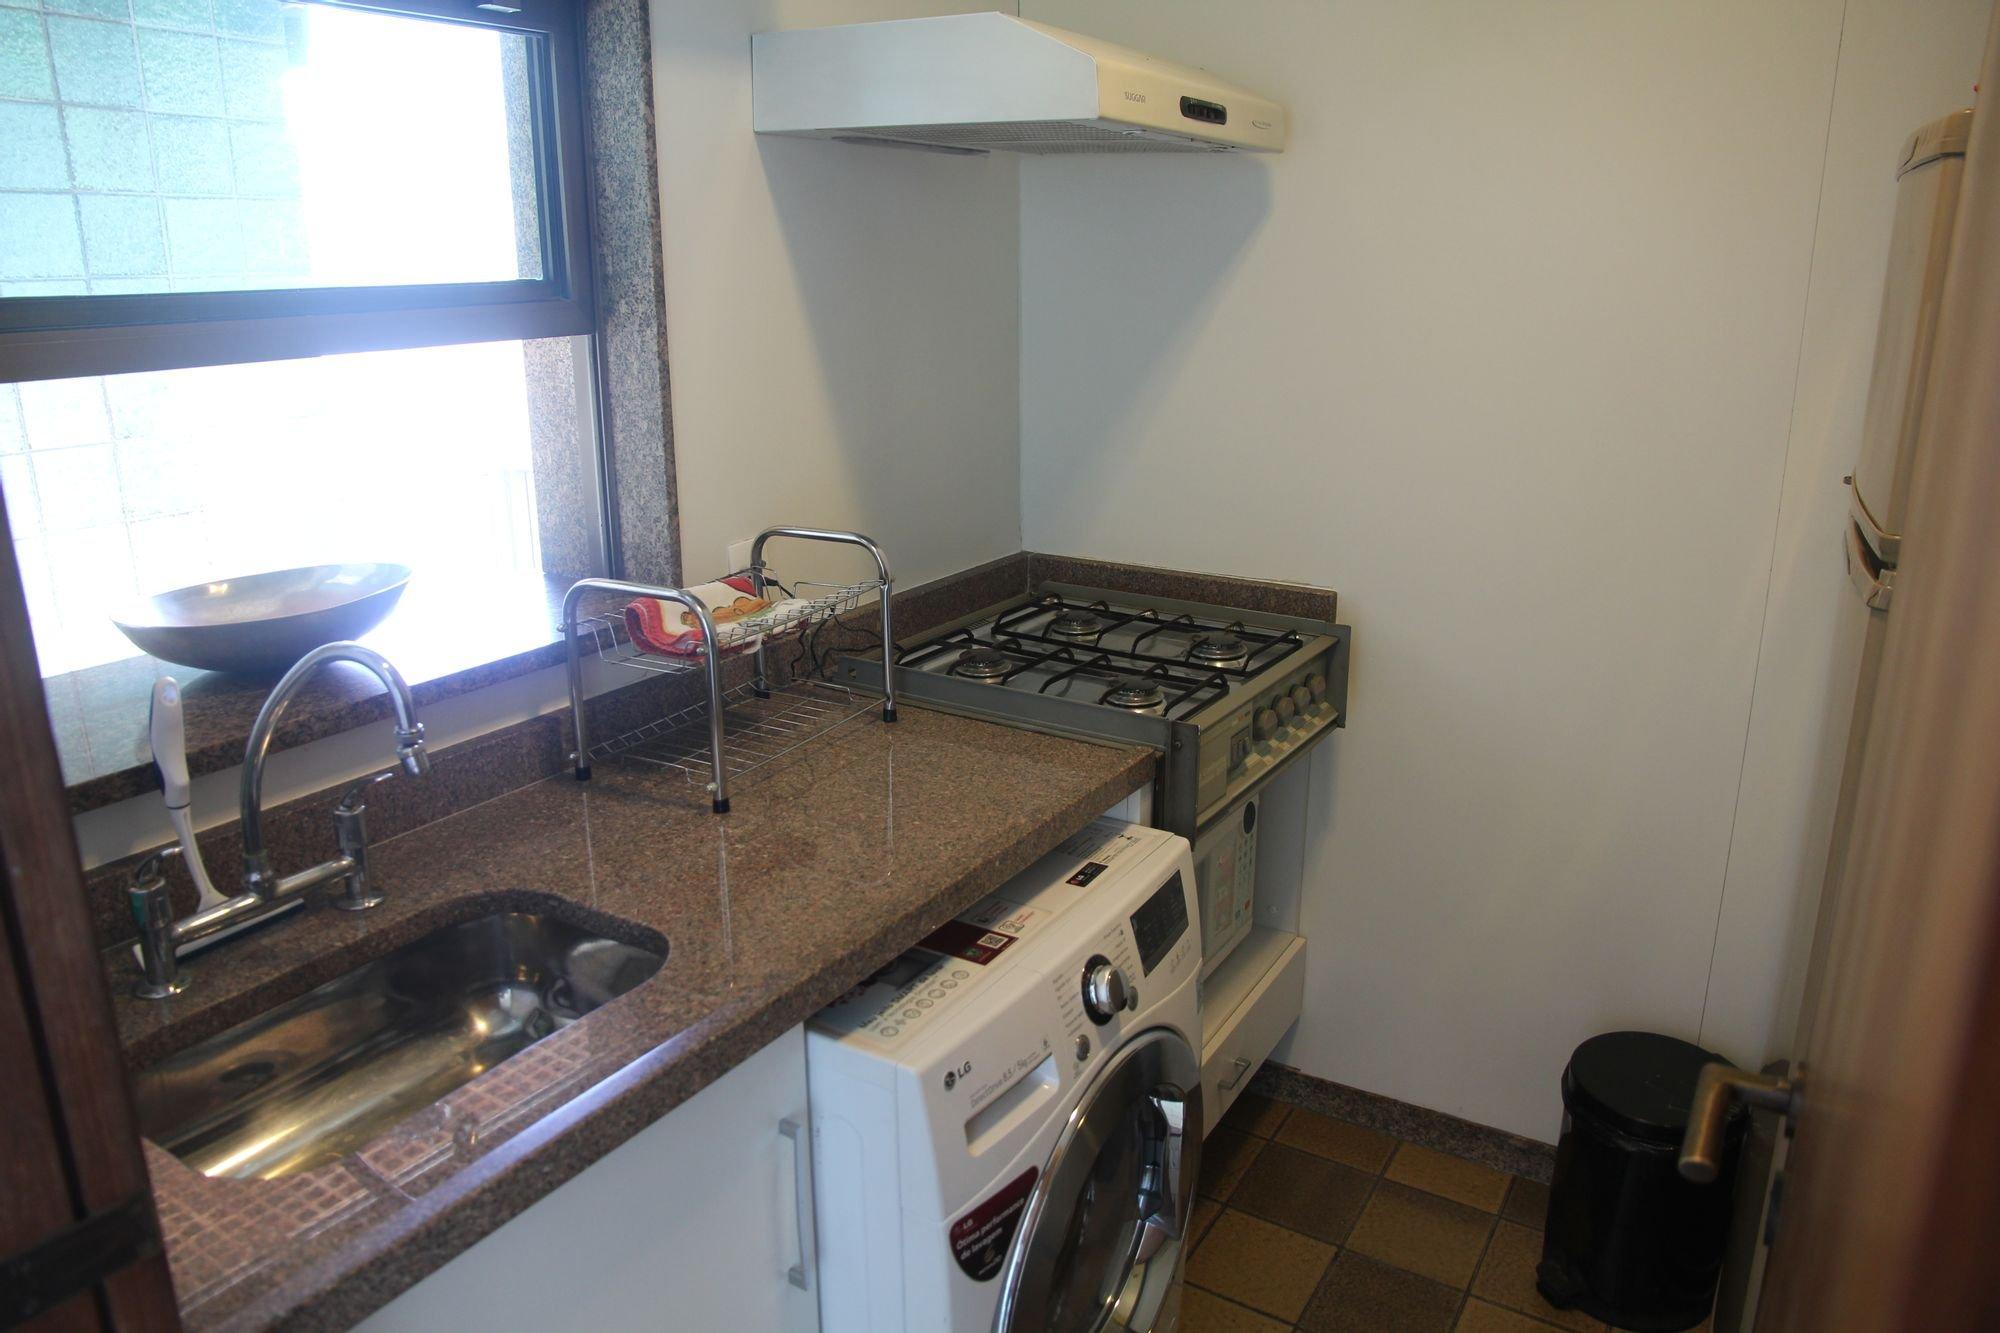 Foto de Cozinha com forno, tigela, pia